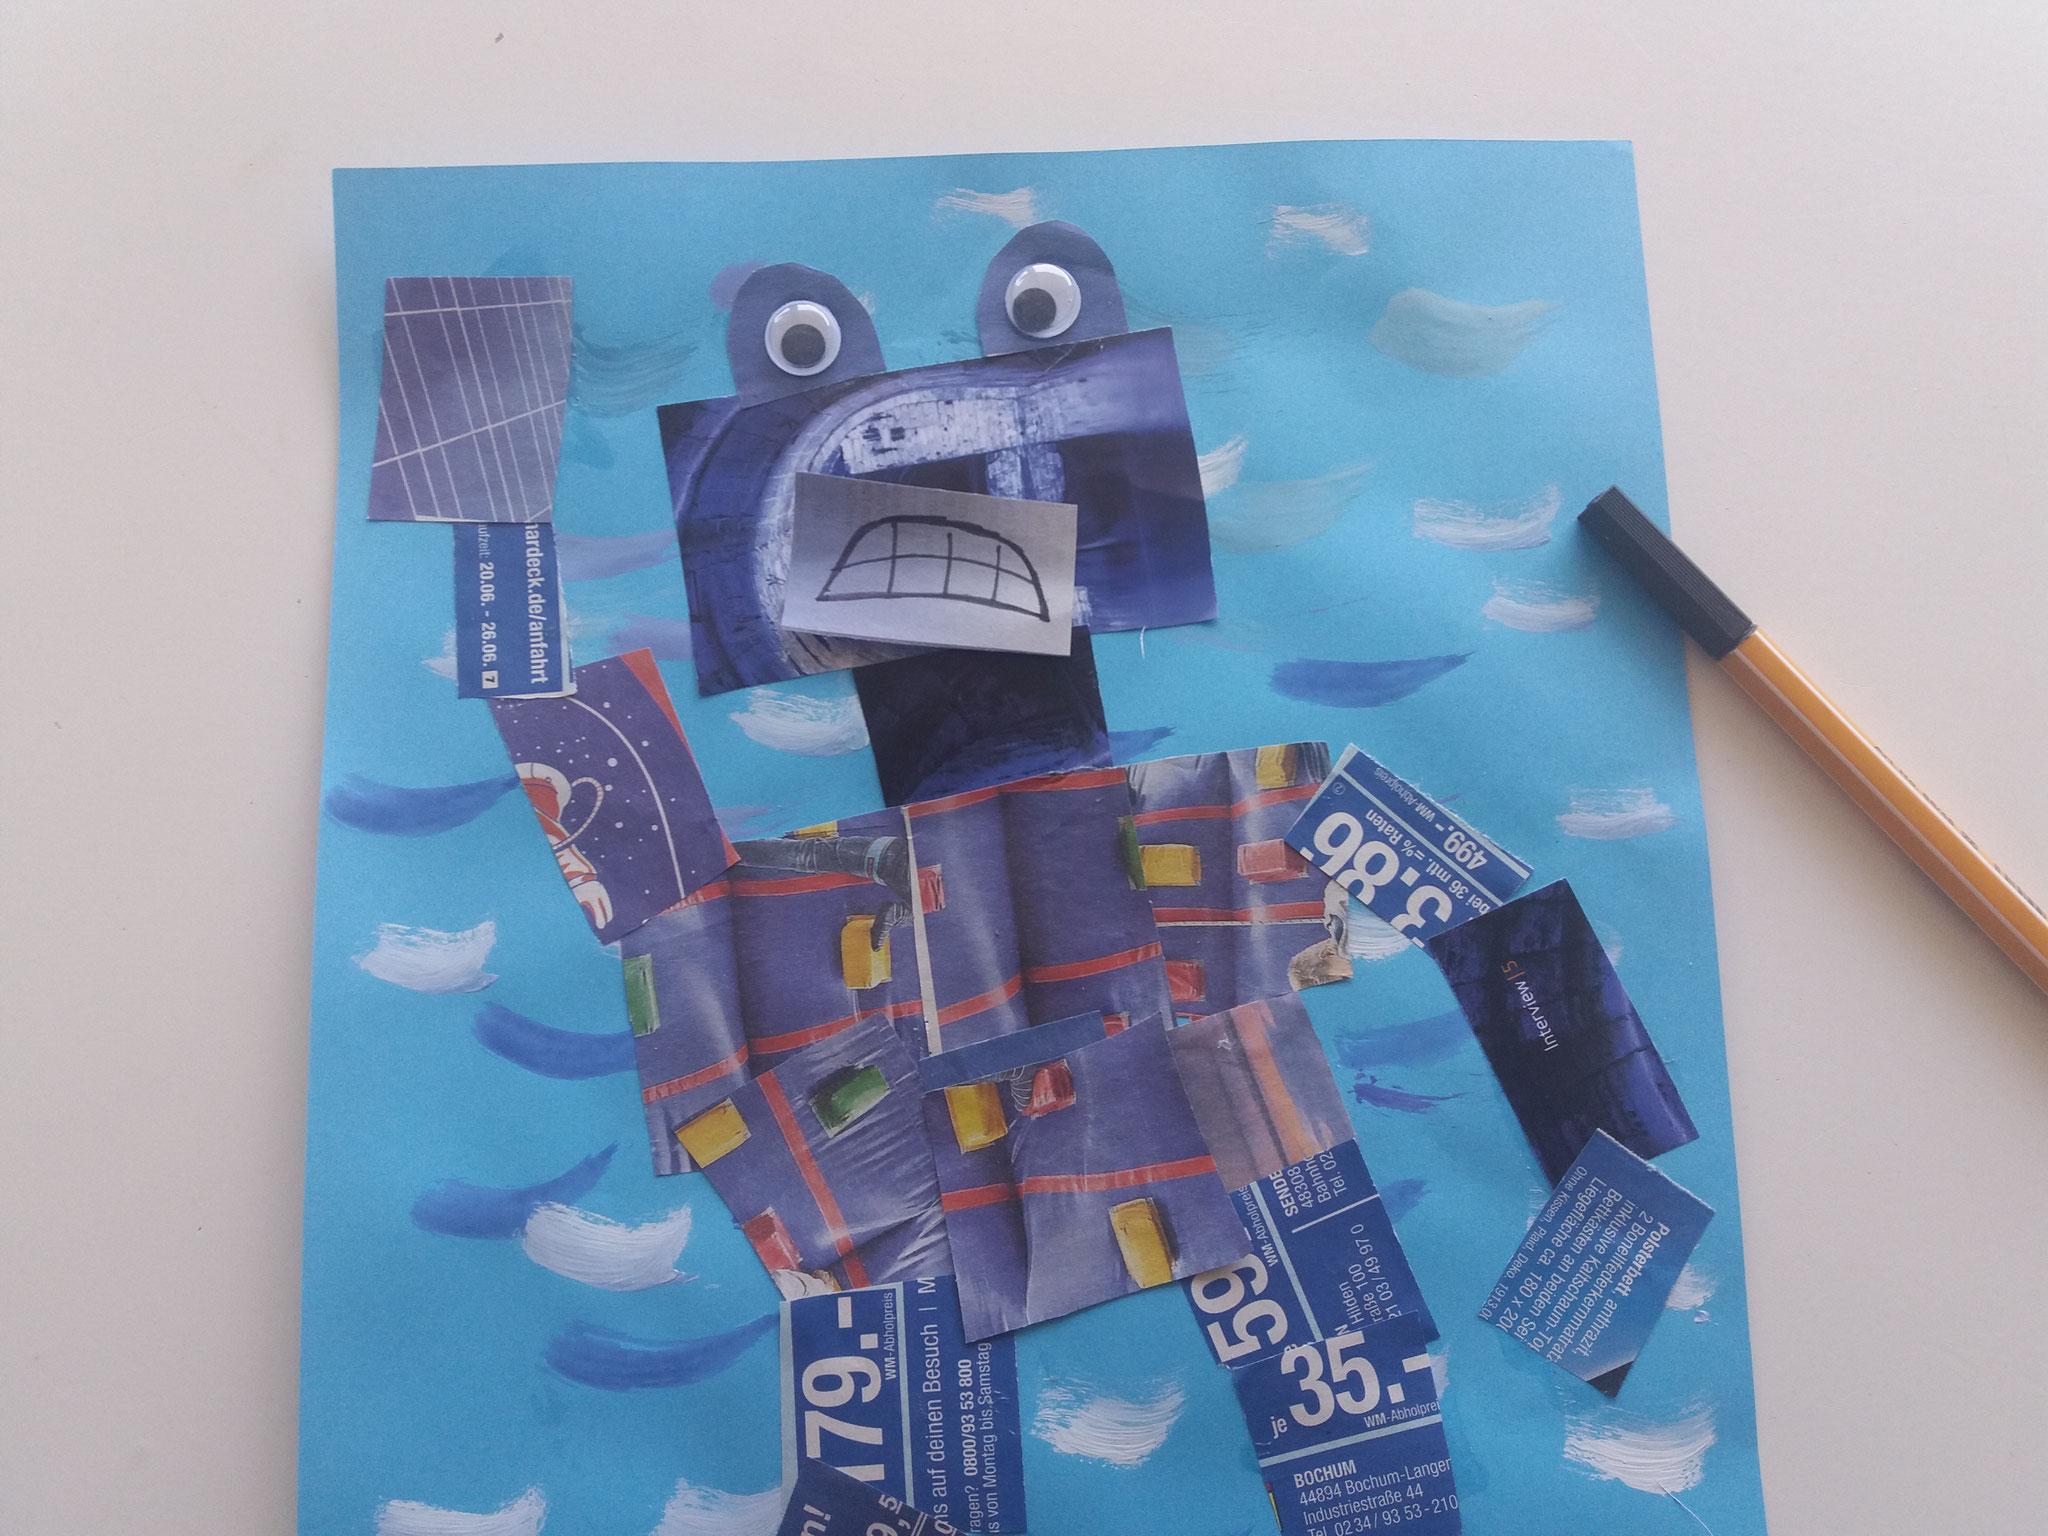 Ein schlecht gelaunter blauer Roboter